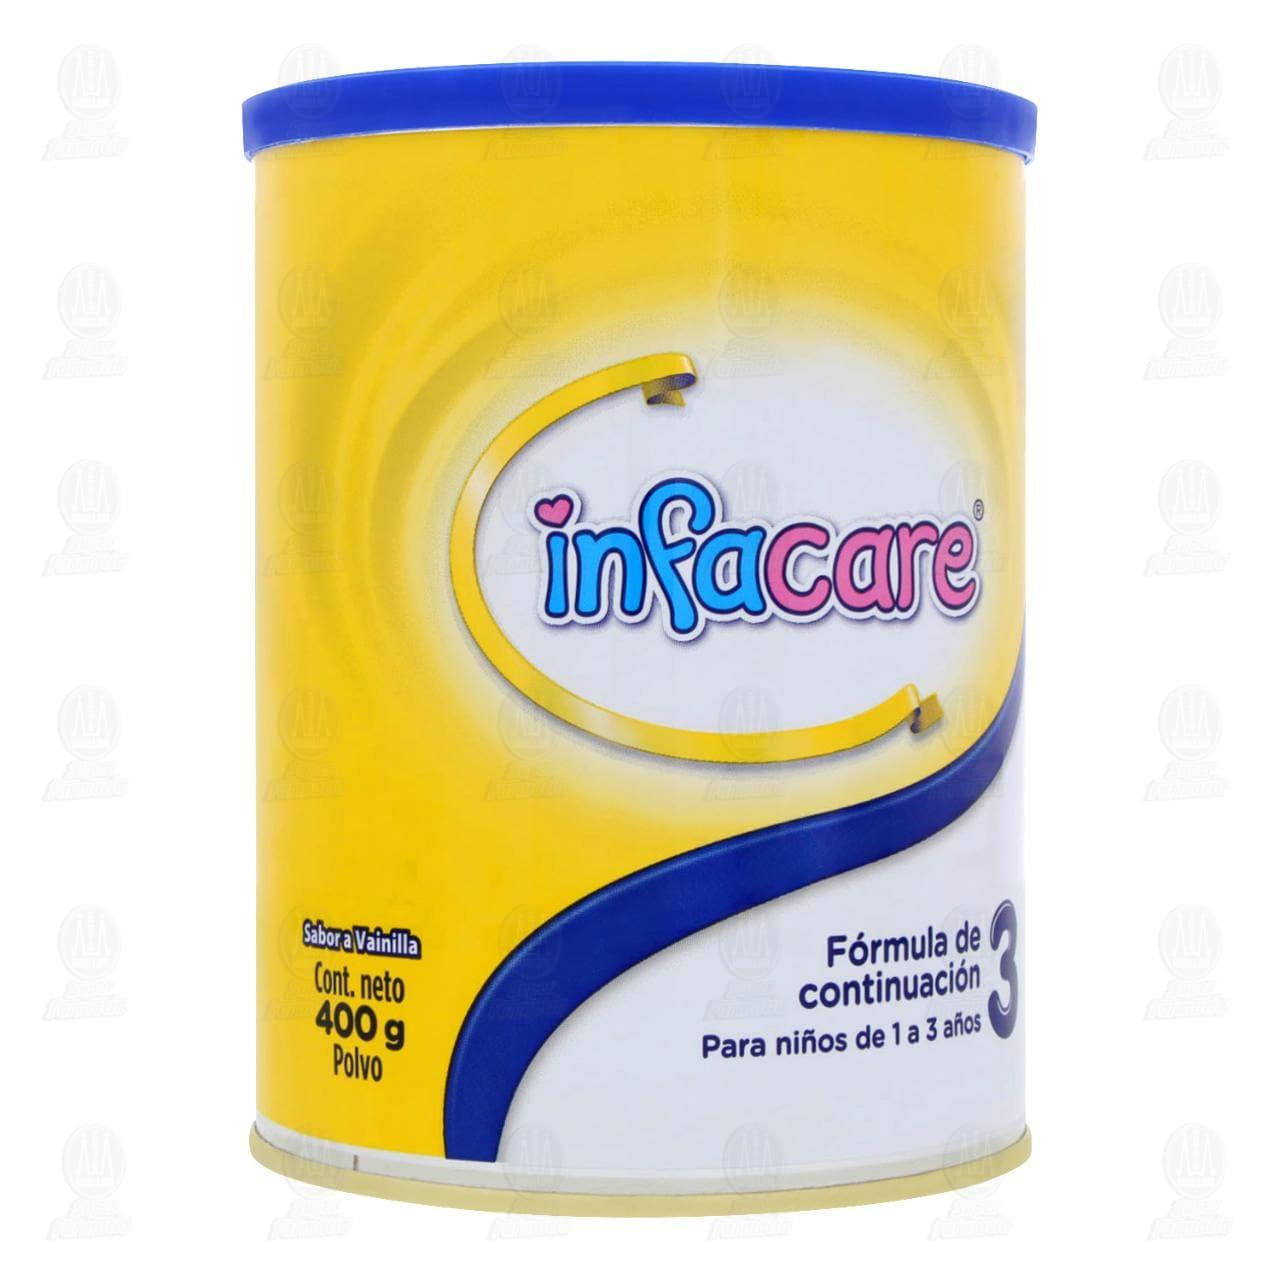 comprar https://www.movil.farmaciasguadalajara.com/wcsstore/FGCAS/wcs/products/1261150_A_1280_AL.jpg en farmacias guadalajara